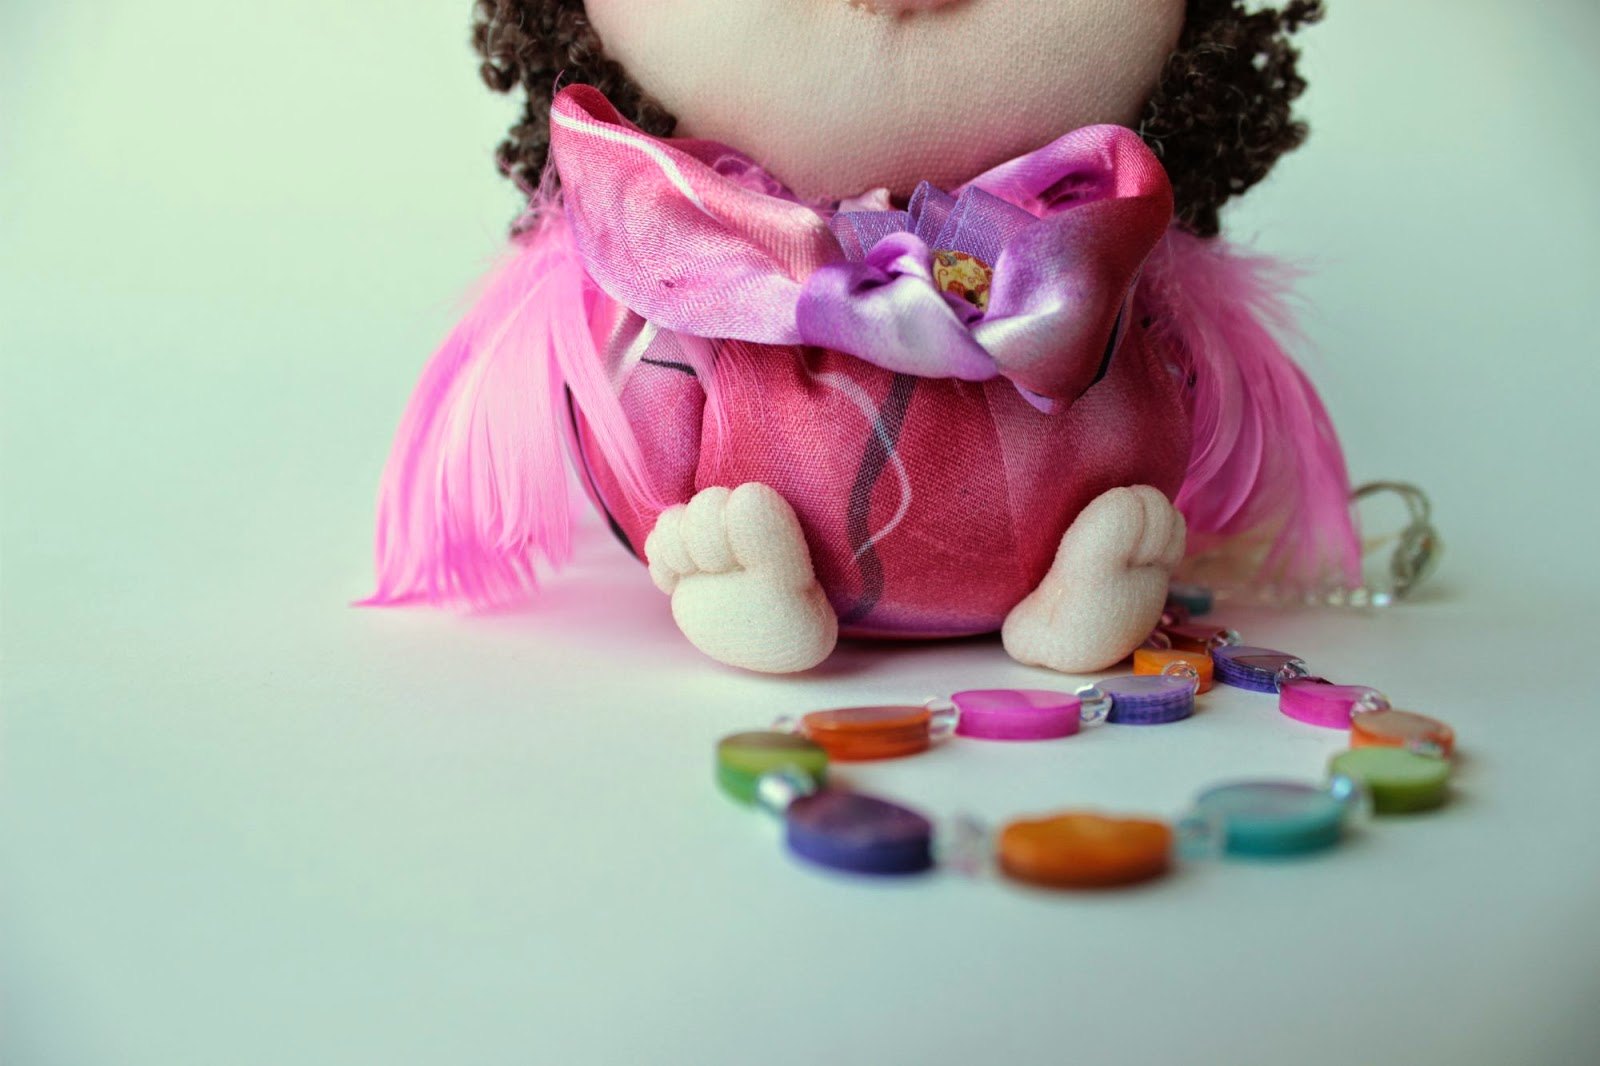 сувенир, ангелочек, ангел, текстильная кукла, ангел оберег, оберег